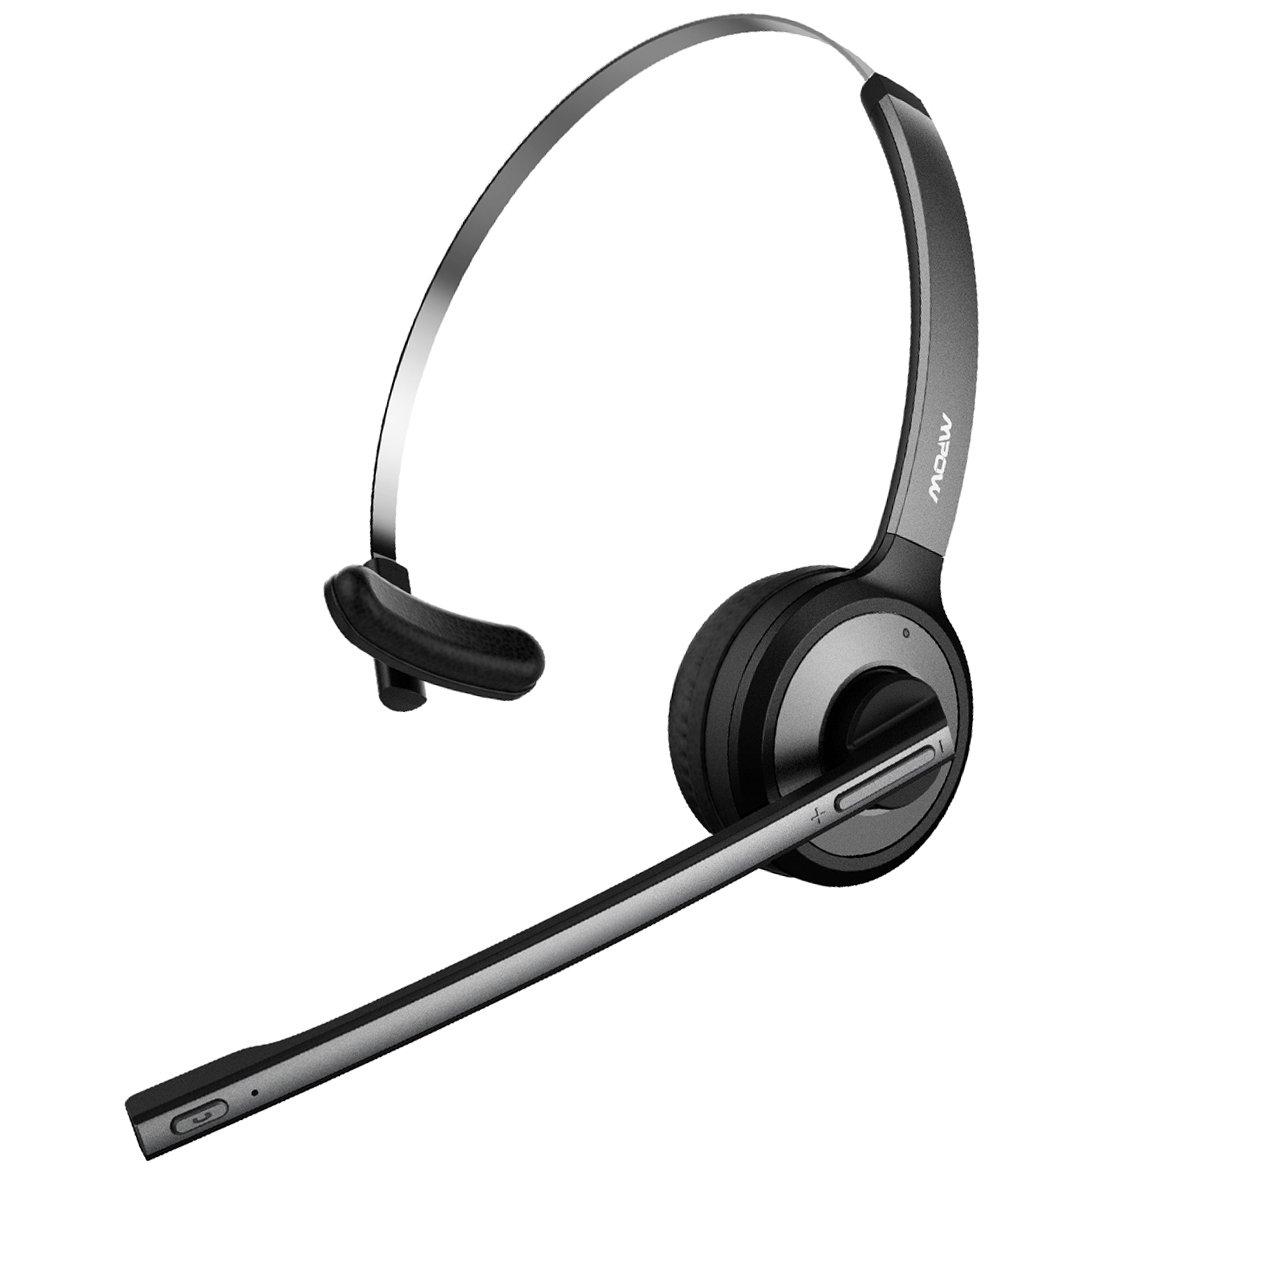 Mpow v4 . 1 Bluetoothヘッドセット/Truck Driverヘッドセット、ワイヤレスover headイヤホンwithマイクノイズリダクションの再生の電話、Skype、コールセンター、Office (サポートメディア) グレー PAMPBH078AH-USAA1 B0774JFRDL  グレイ&ブラック